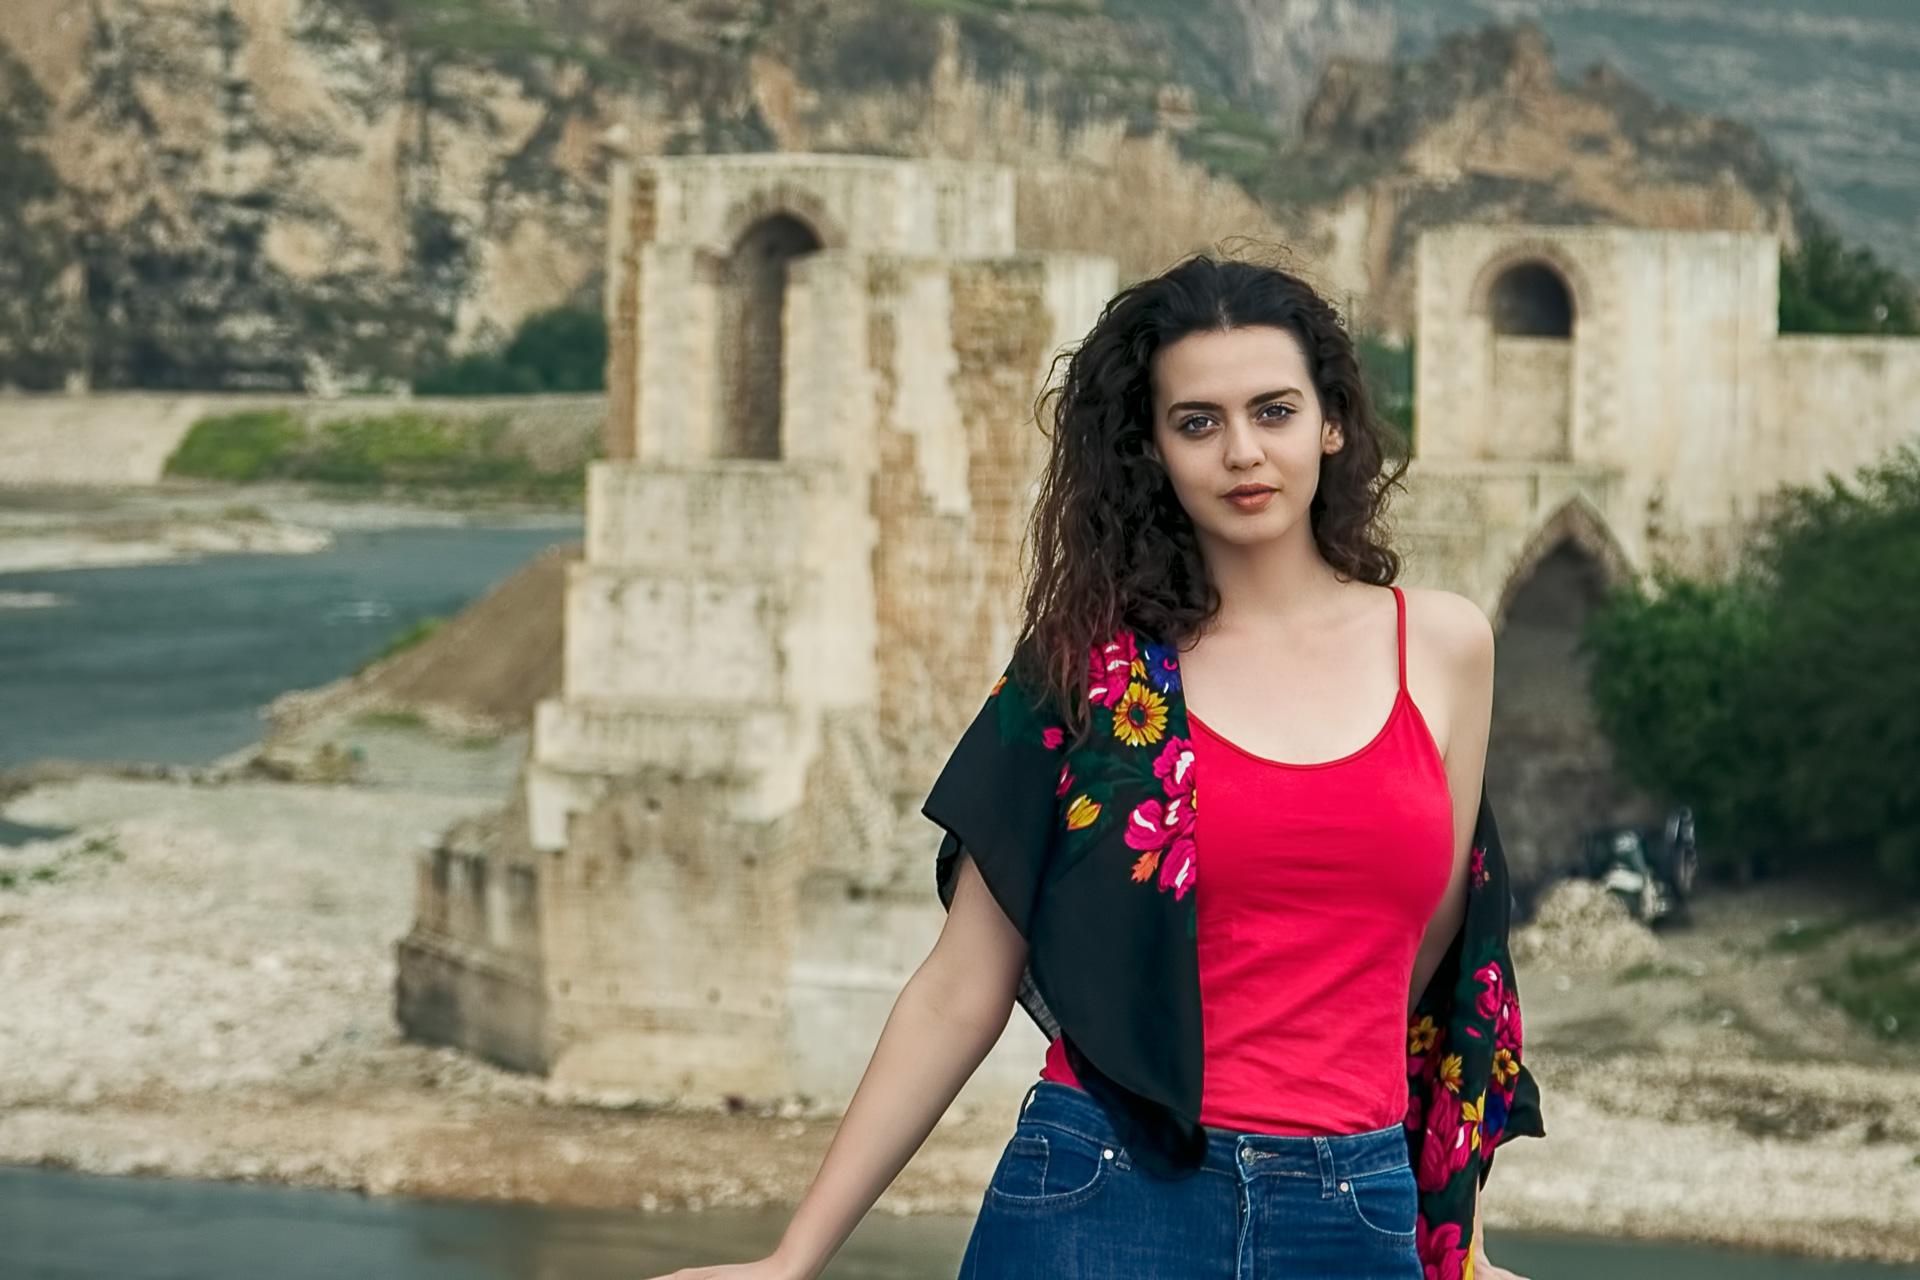 Hasankeyf Fotoğrafları Batman Türkiye Gezgin Fotoğrafçı Çekergezer Hakan Aydın Fotoğrafları www.cekergezer.com www.cekergezer.com